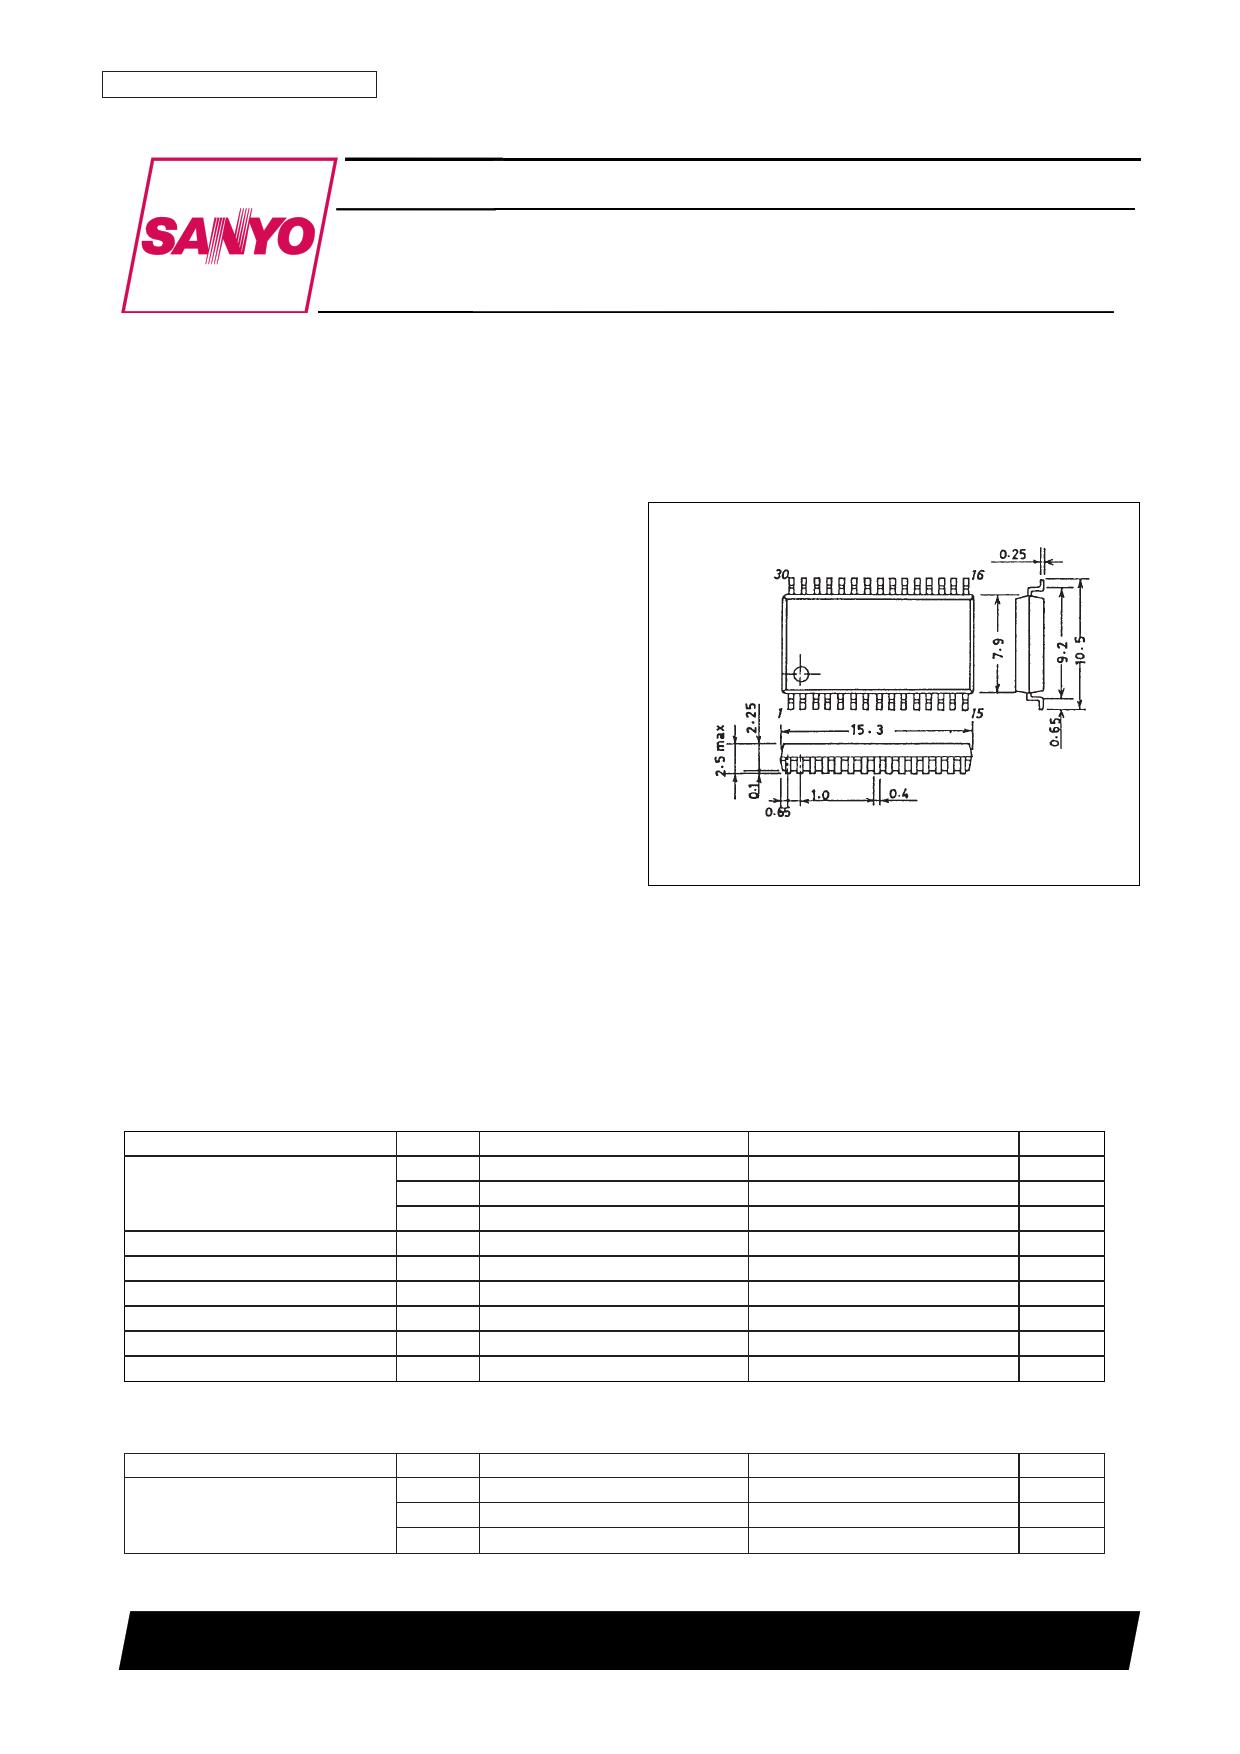 LB1881M datasheet